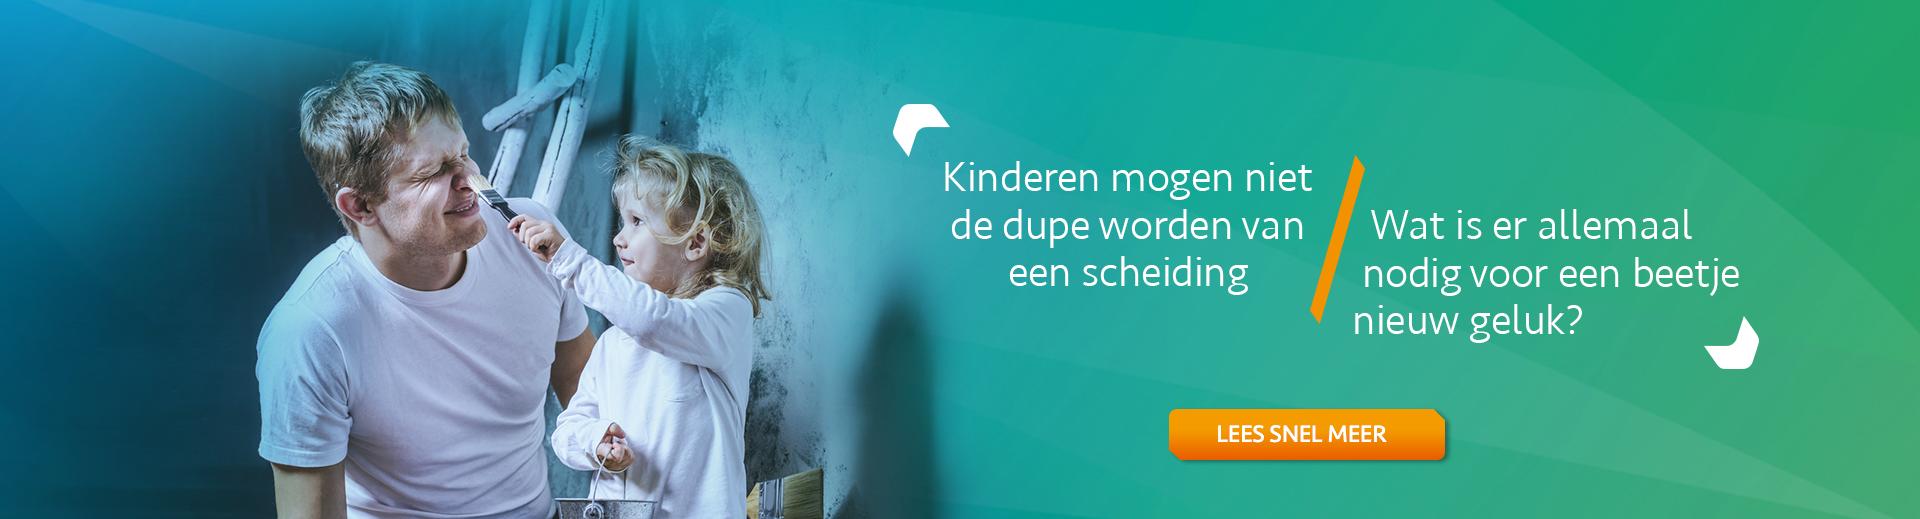 scheiden en kinderen - Scheidingsplanner Hilversum - Bilthoven - Soest - Het Gooi